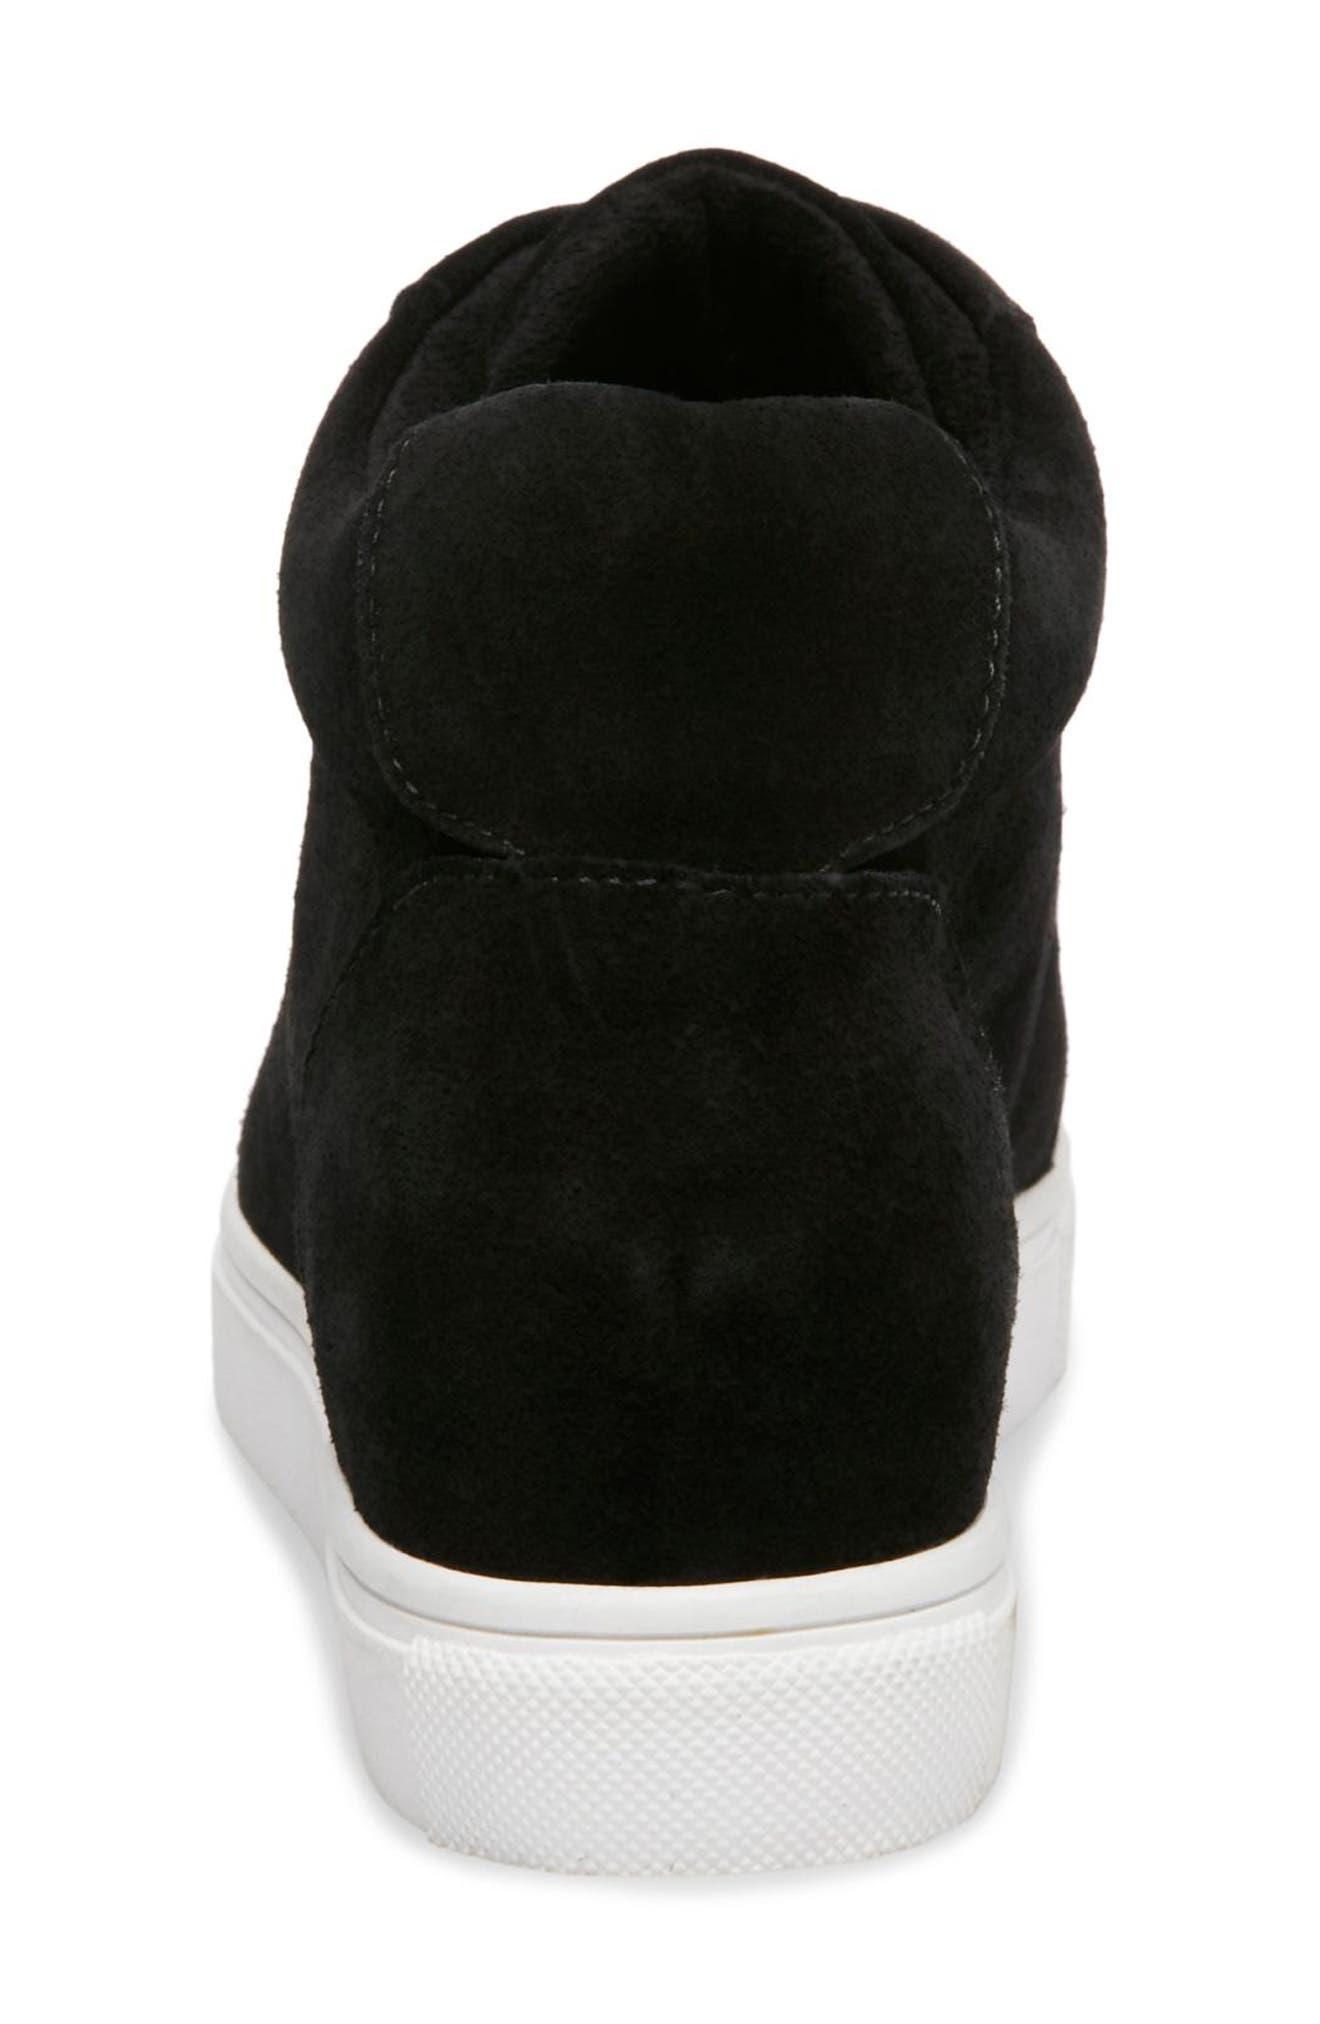 BLONDO, Glenda Waterproof Sneaker Bootie, Alternate thumbnail 6, color, BLACK SUEDE